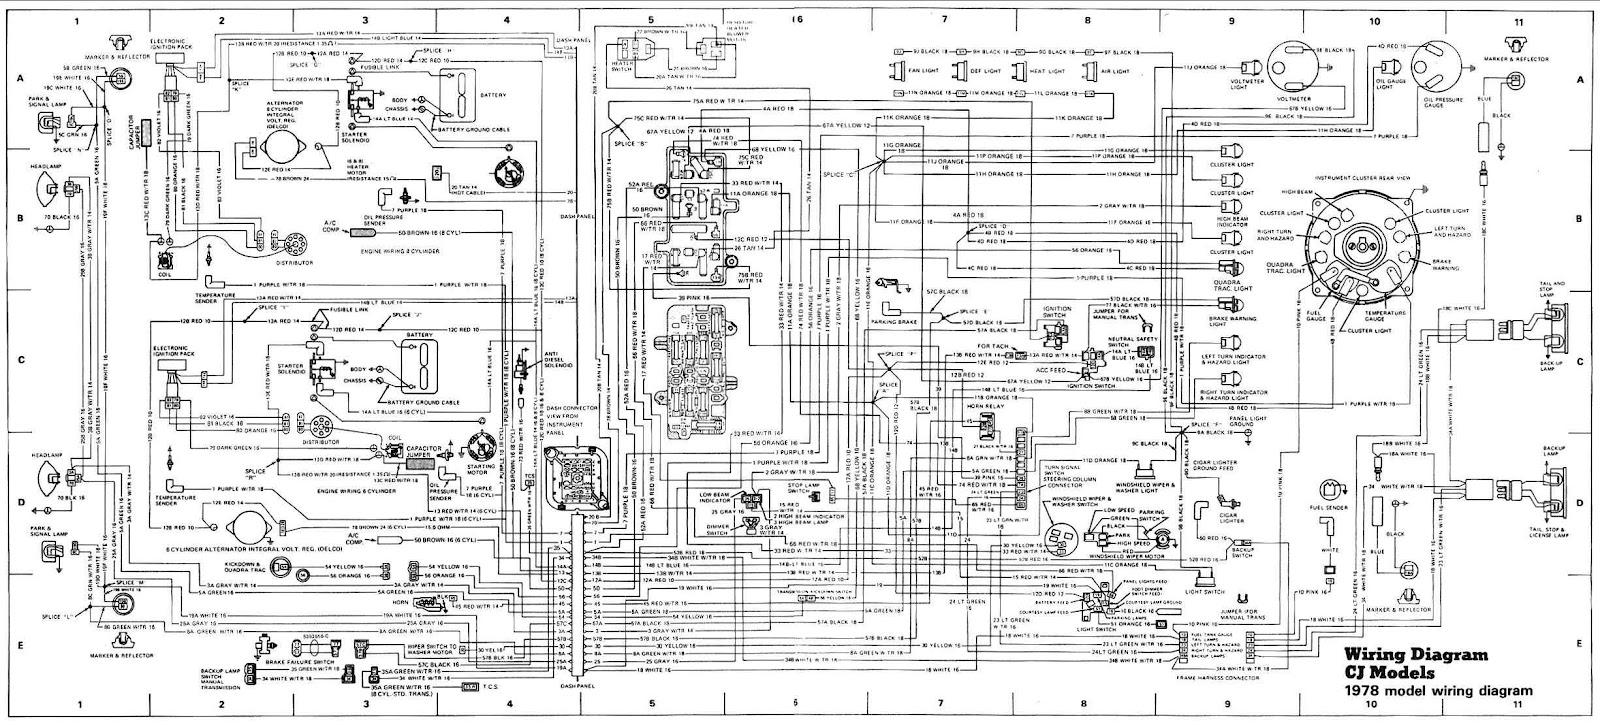 halo lighting wiring diagram